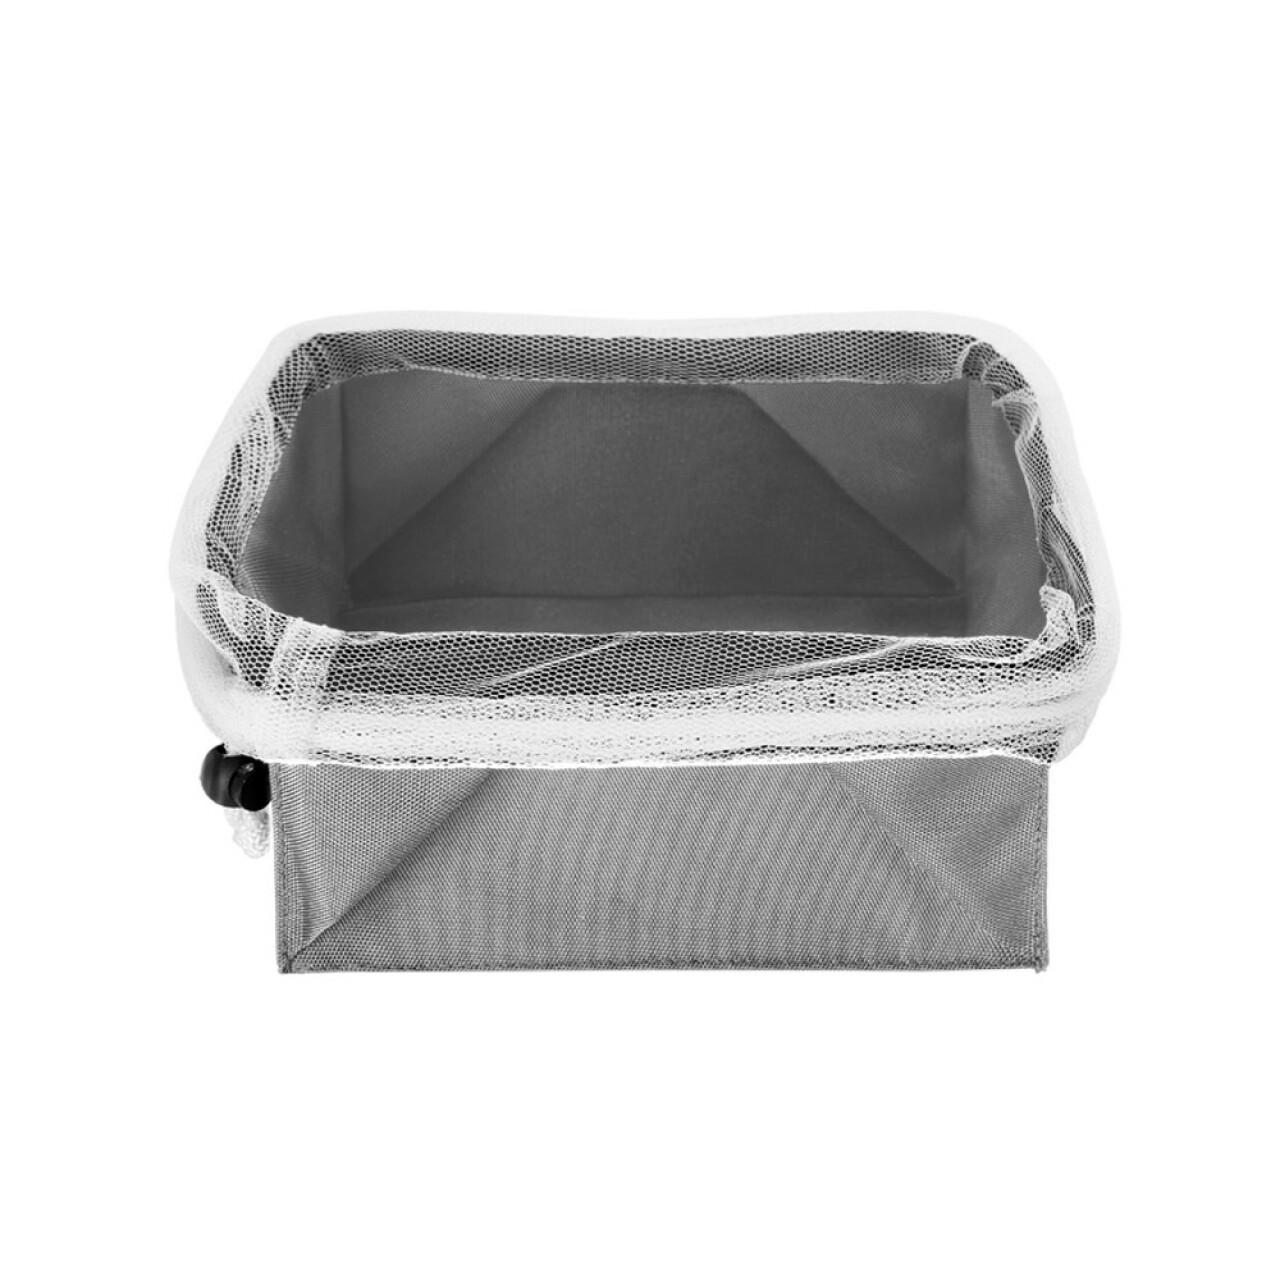 Cutie pliabila pentru depozitare Metaltex, 23 x 23 cm, poliester/poliamida, gri